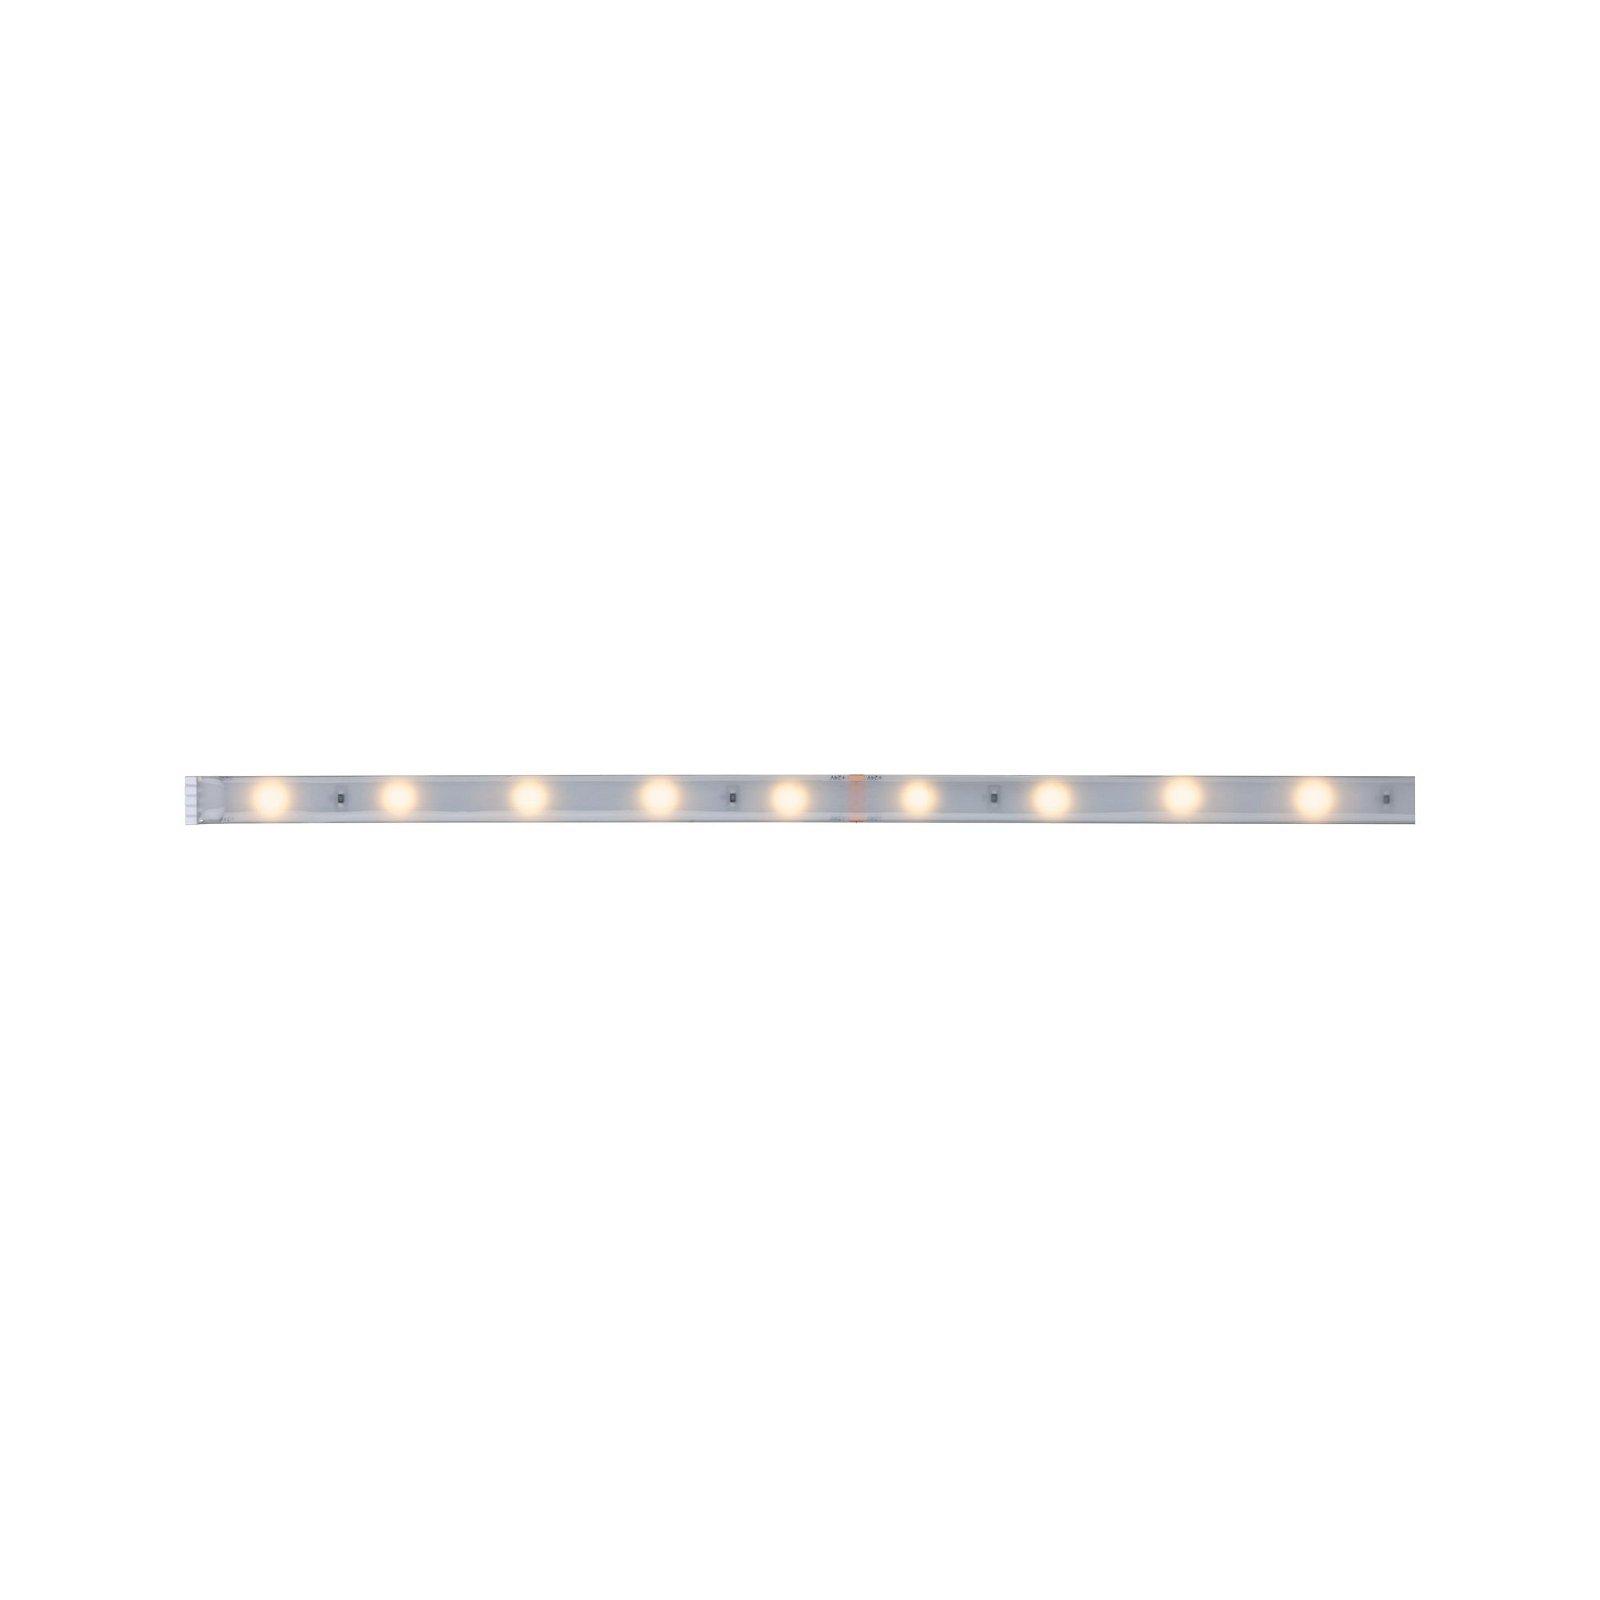 MaxLED 250 LED Strip Warm wit 1m gecoat IP44 4W 300lm 2700K